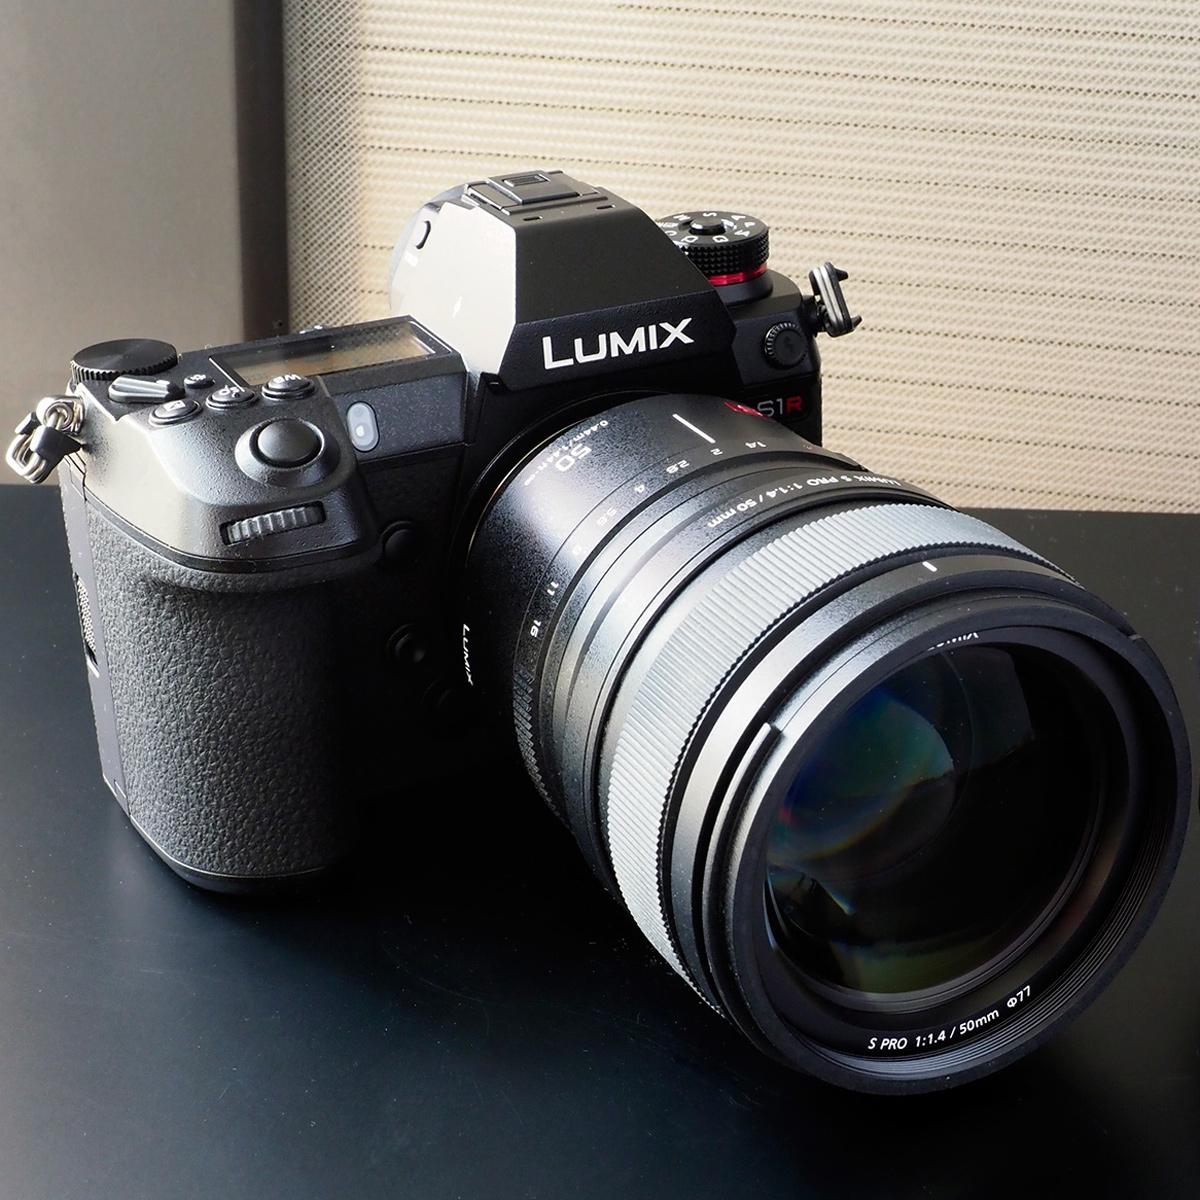 パナソニック「LUMIX S1R」を相棒にレインボーブリッジを歩いてお台場を撮った